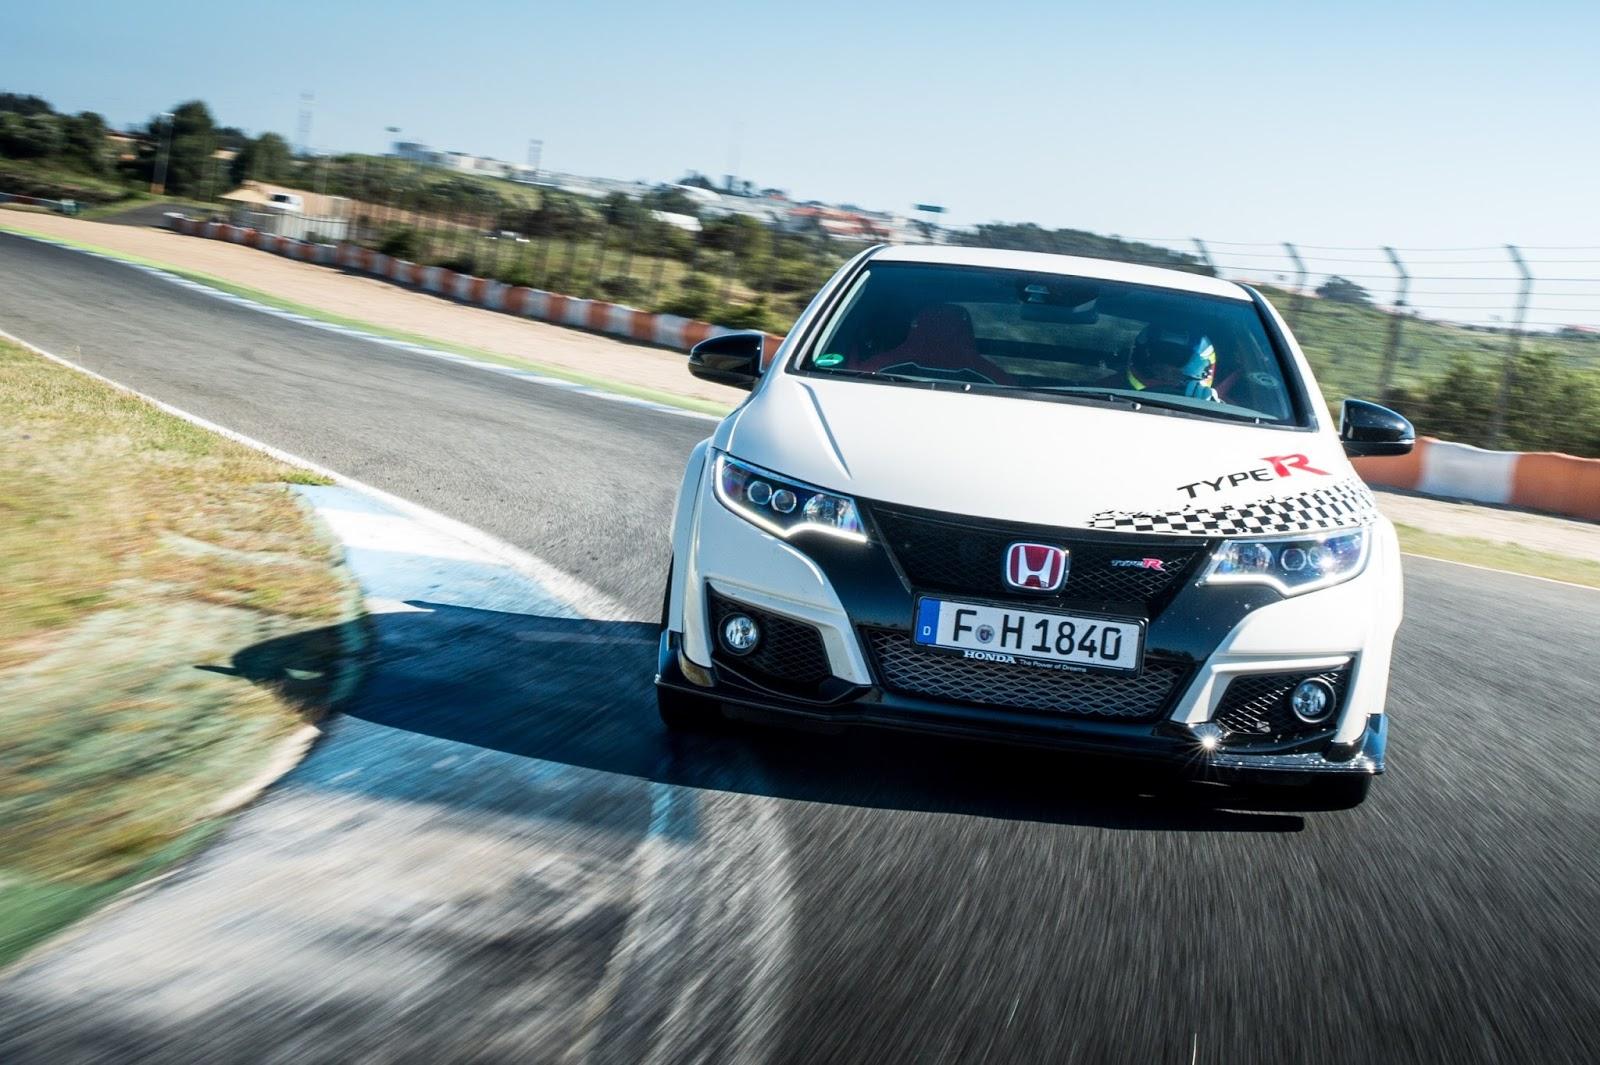 Η Honda ανακοίνωσε νέα ρεκόρ ταχύτητας για το Civic Type R σε πέντε θρυλικά Ευρωπαϊκά σιρκουί